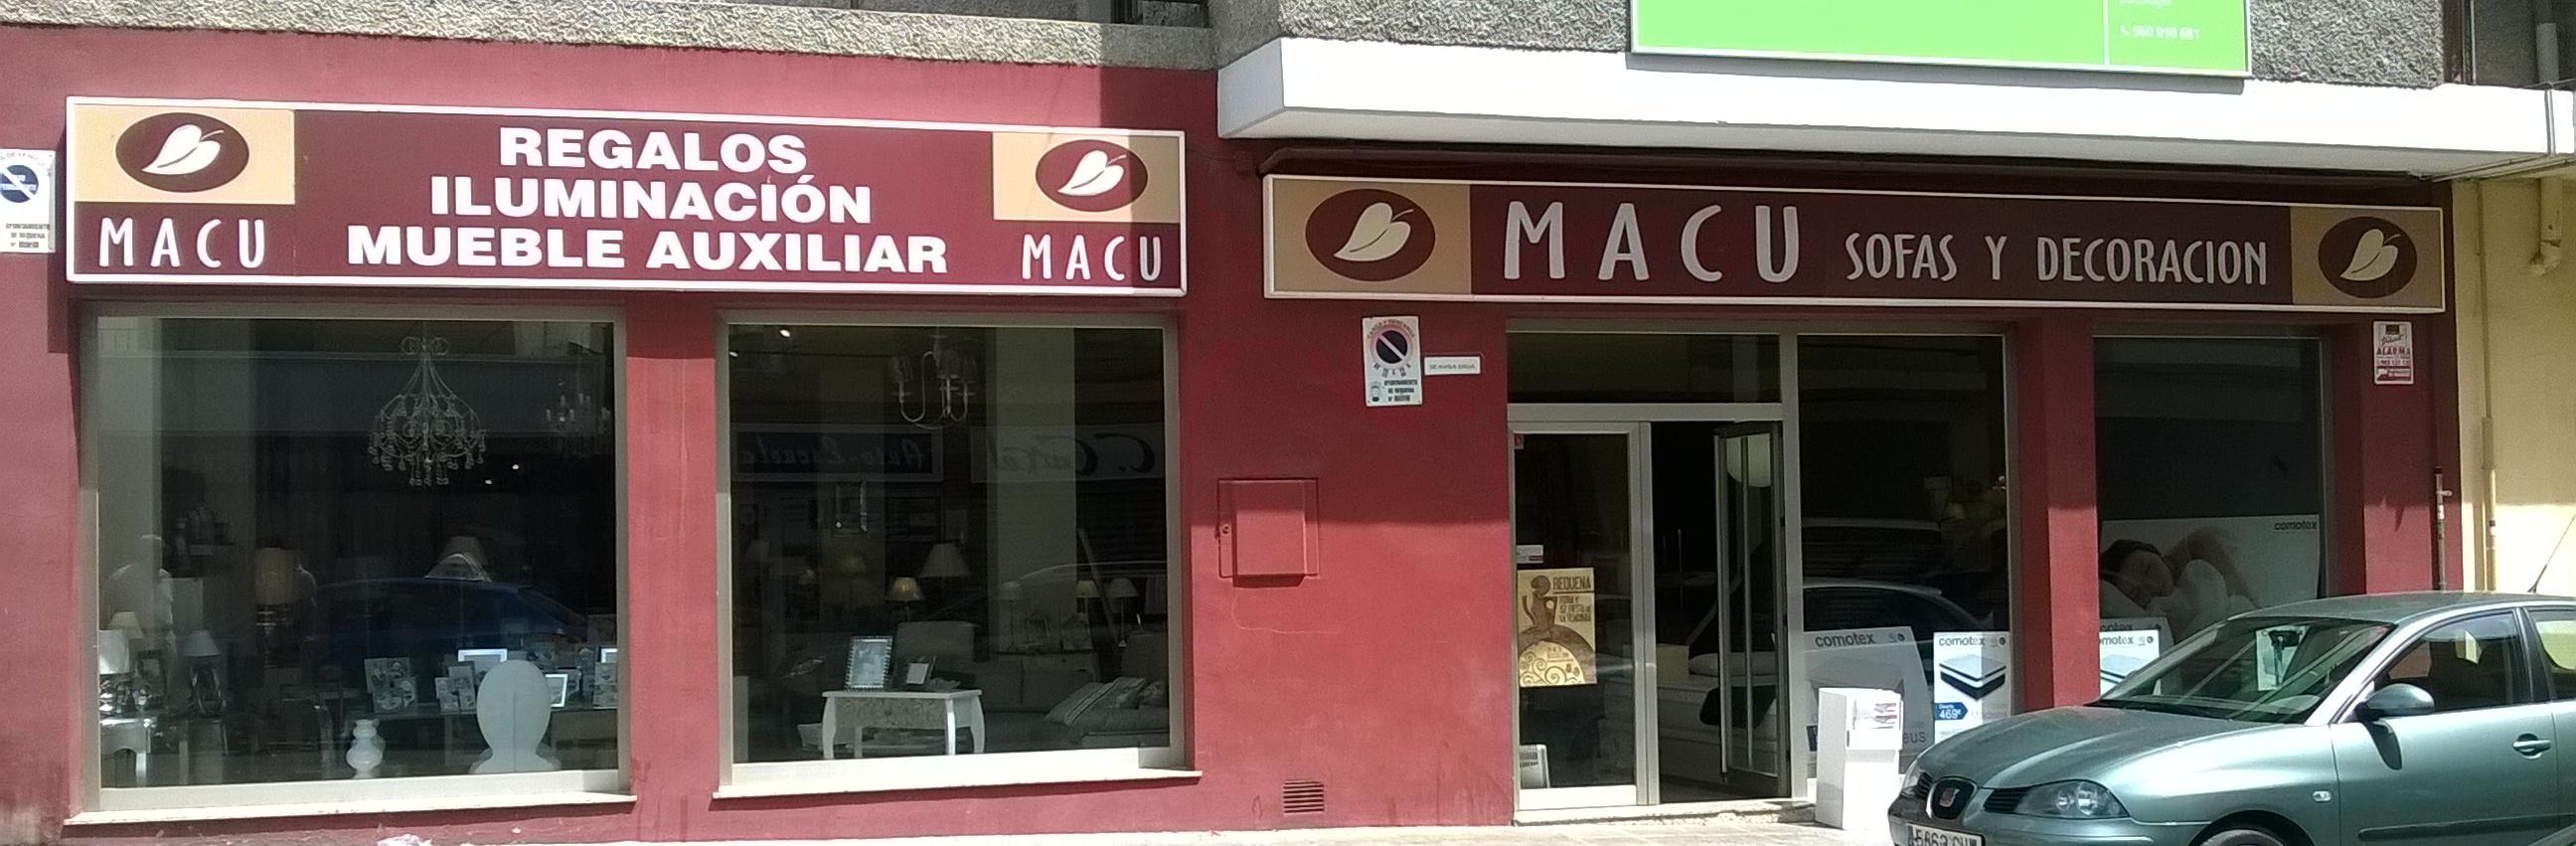 Muebles Requena San Agustin - Macu Regalos Requena Directorio Comercial De La Comunitat Valenciana[mjhdah]https://datos.portaldelcomerciante.com/userfiles/1057/FotosComercios/54727/thumb742e412118enzo.jpg